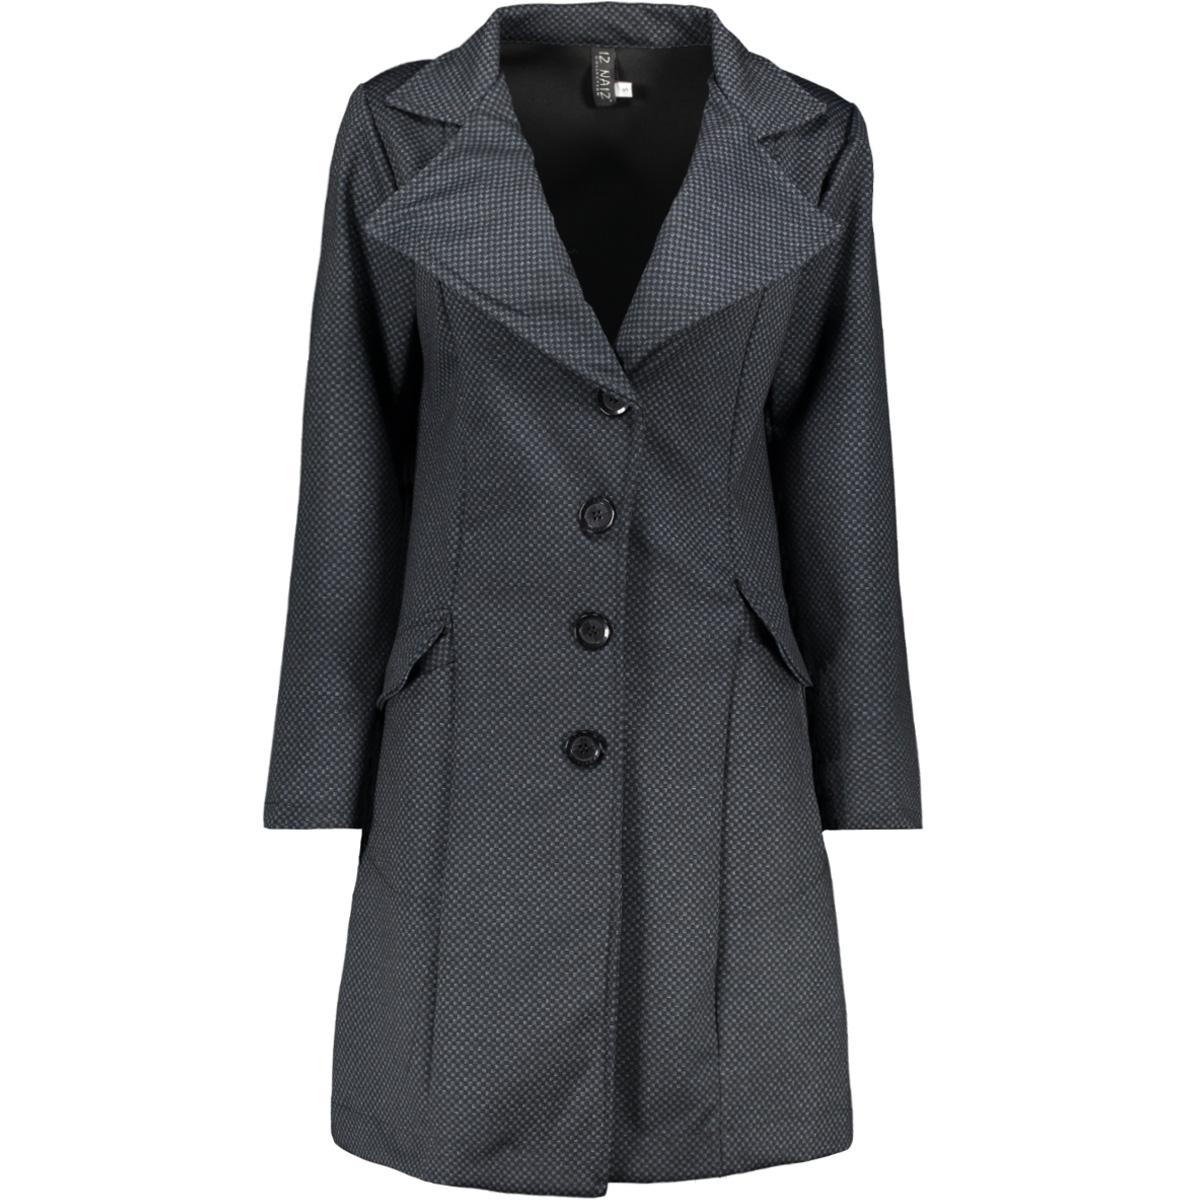 2313 print jacket iz naiz blazer navy